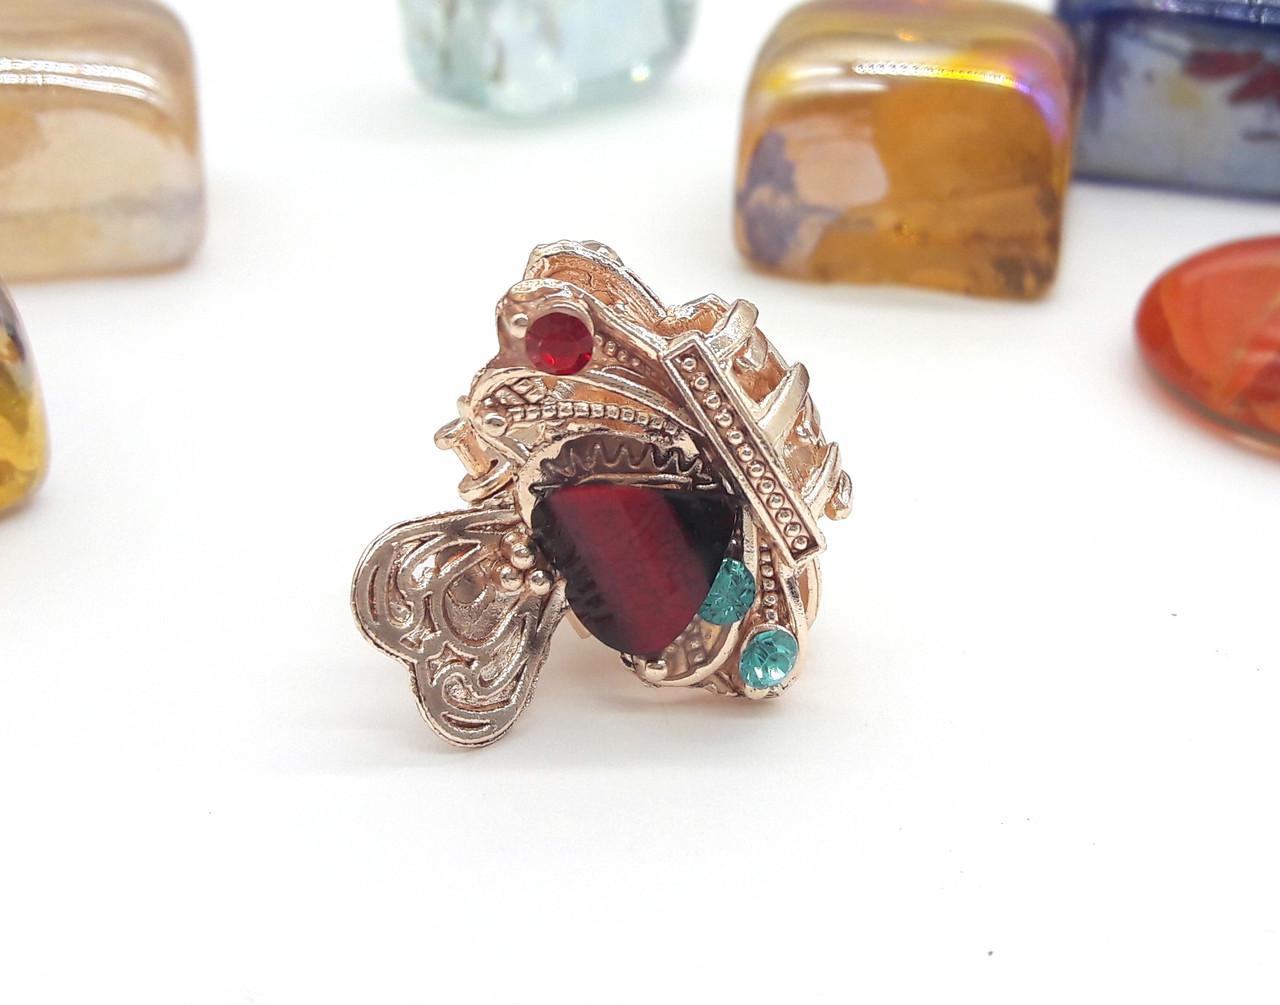 Заколка-краб золотистая, Ажурная корона с разноцветными камнями